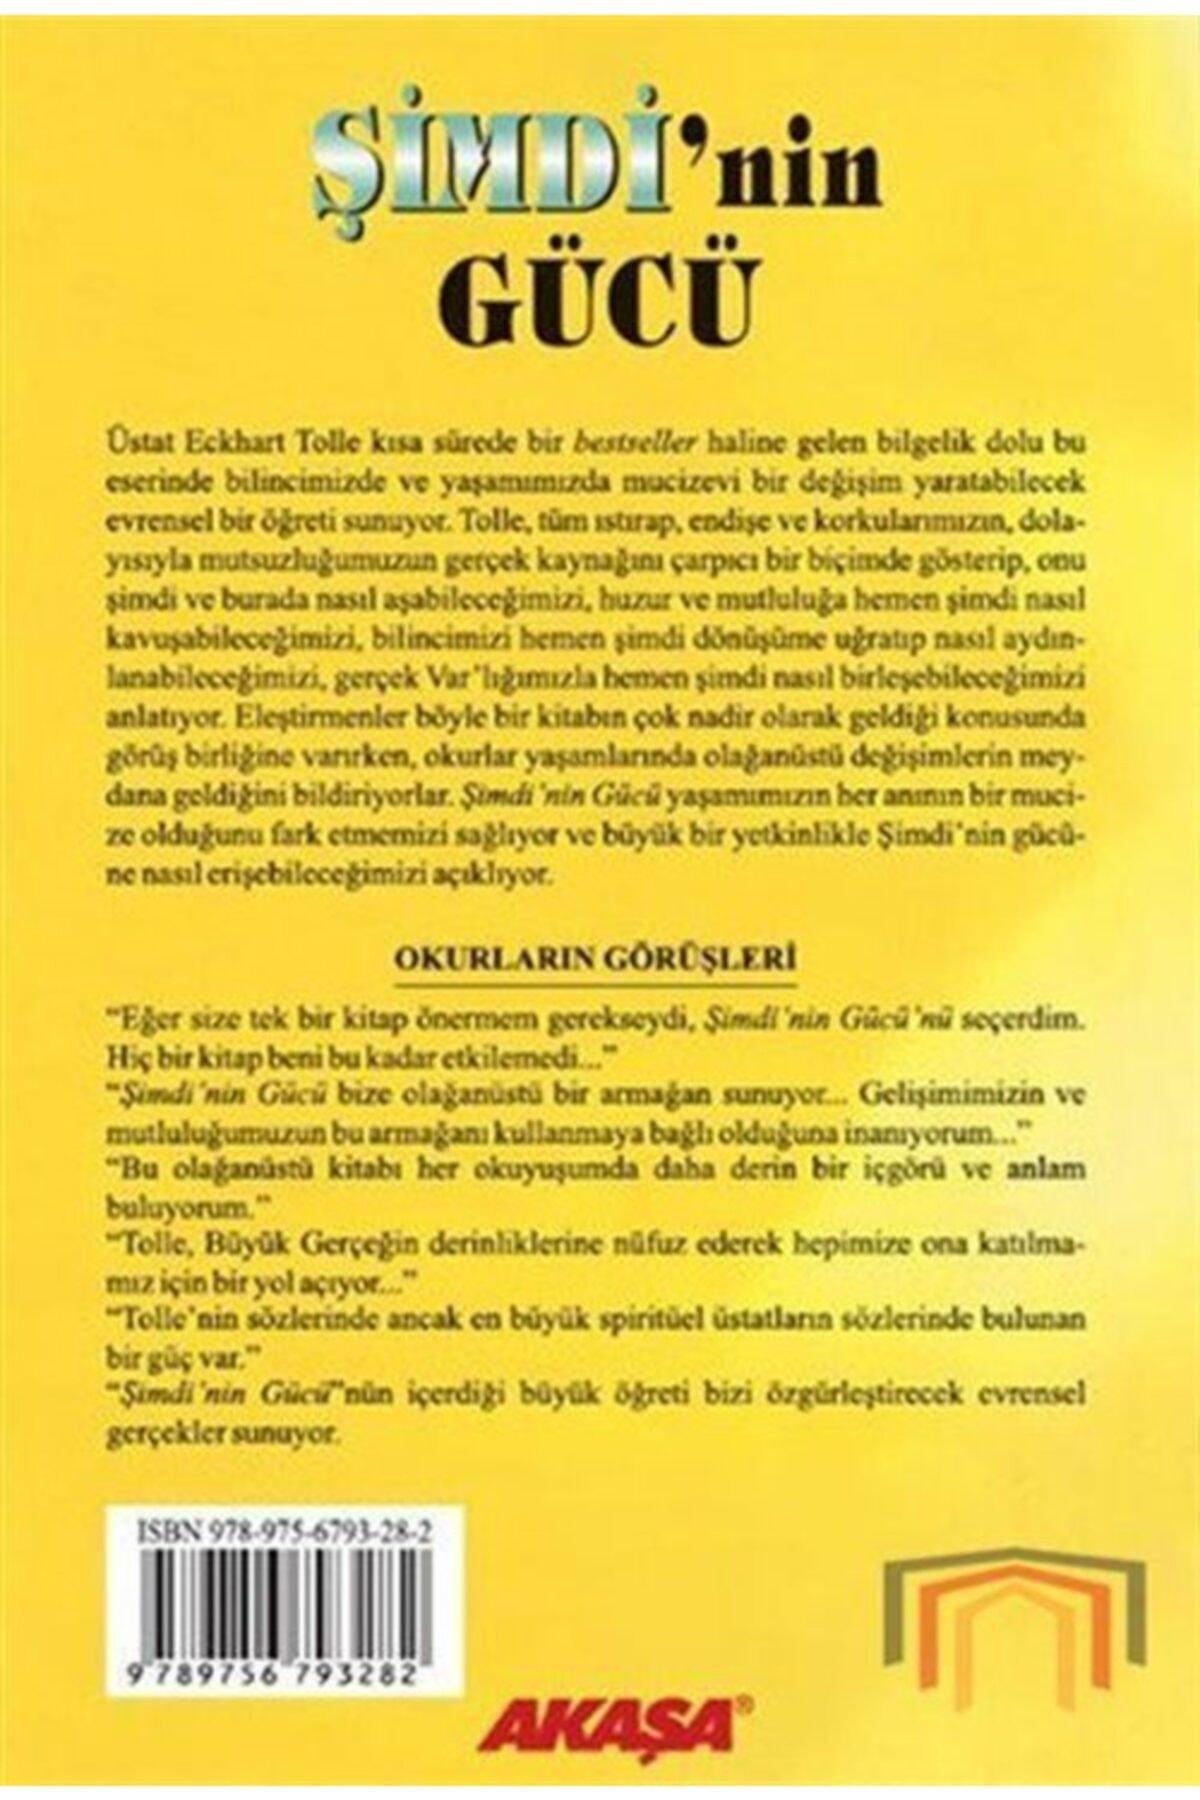 Akaşa Yayınları Şimdi'nin Gücü  Gerçeği Arayanların Mutlaka Okumaları Gereken Bir Kitap 2